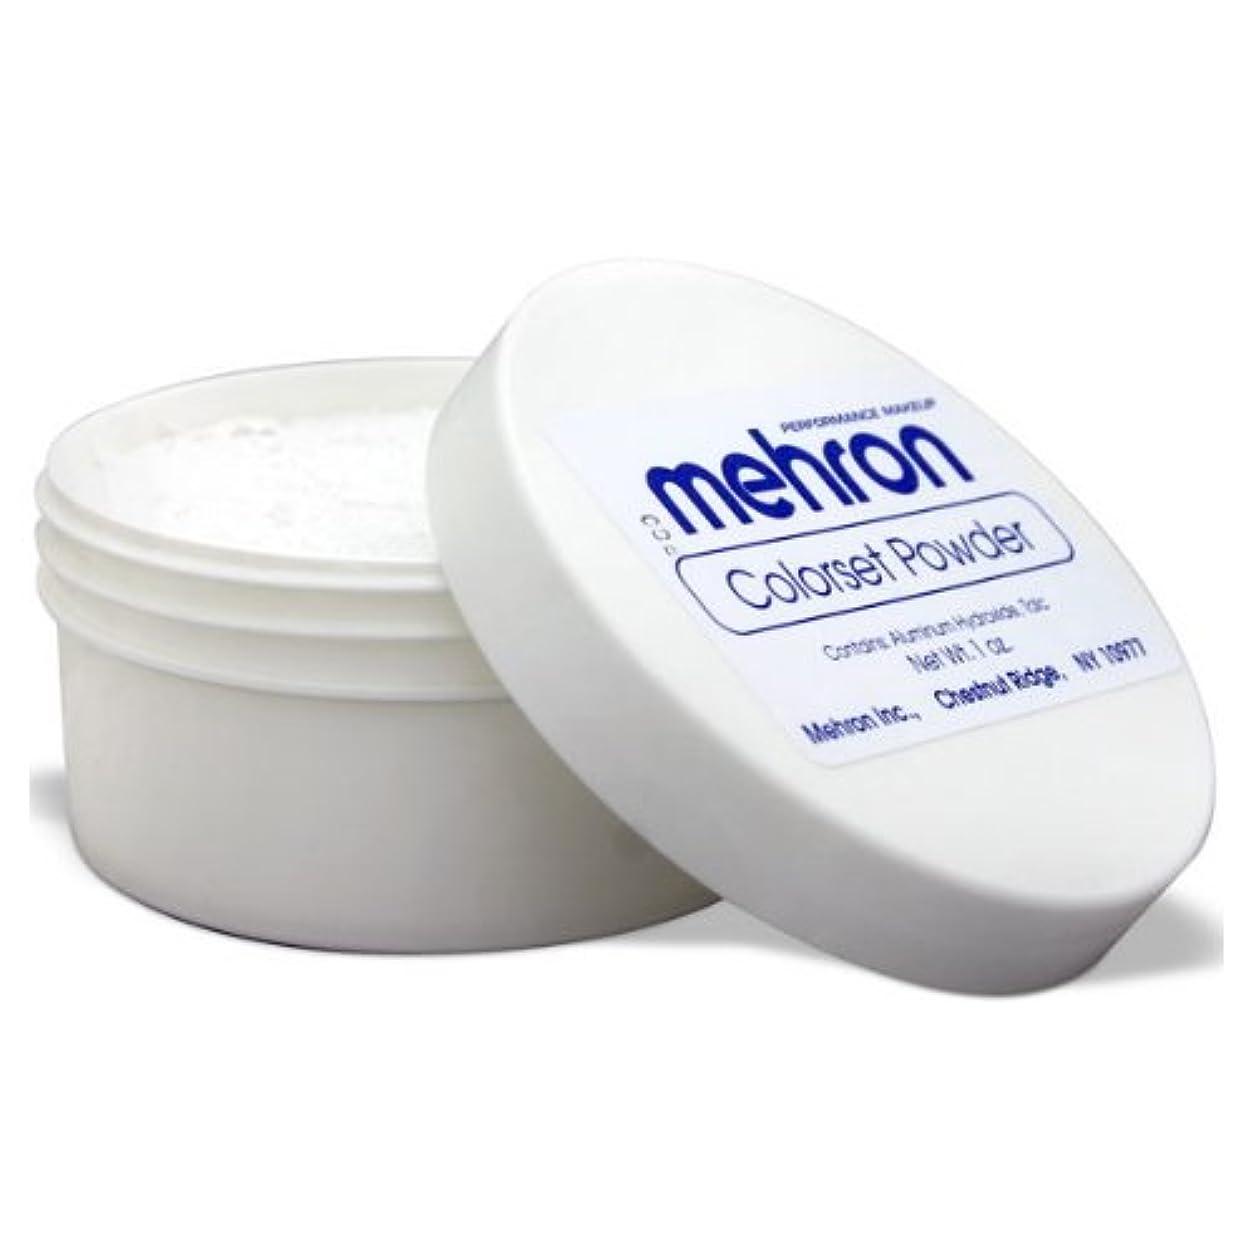 法廷オプション商標(3 Pack) mehron Colorset Powder - Translucent (並行輸入品)